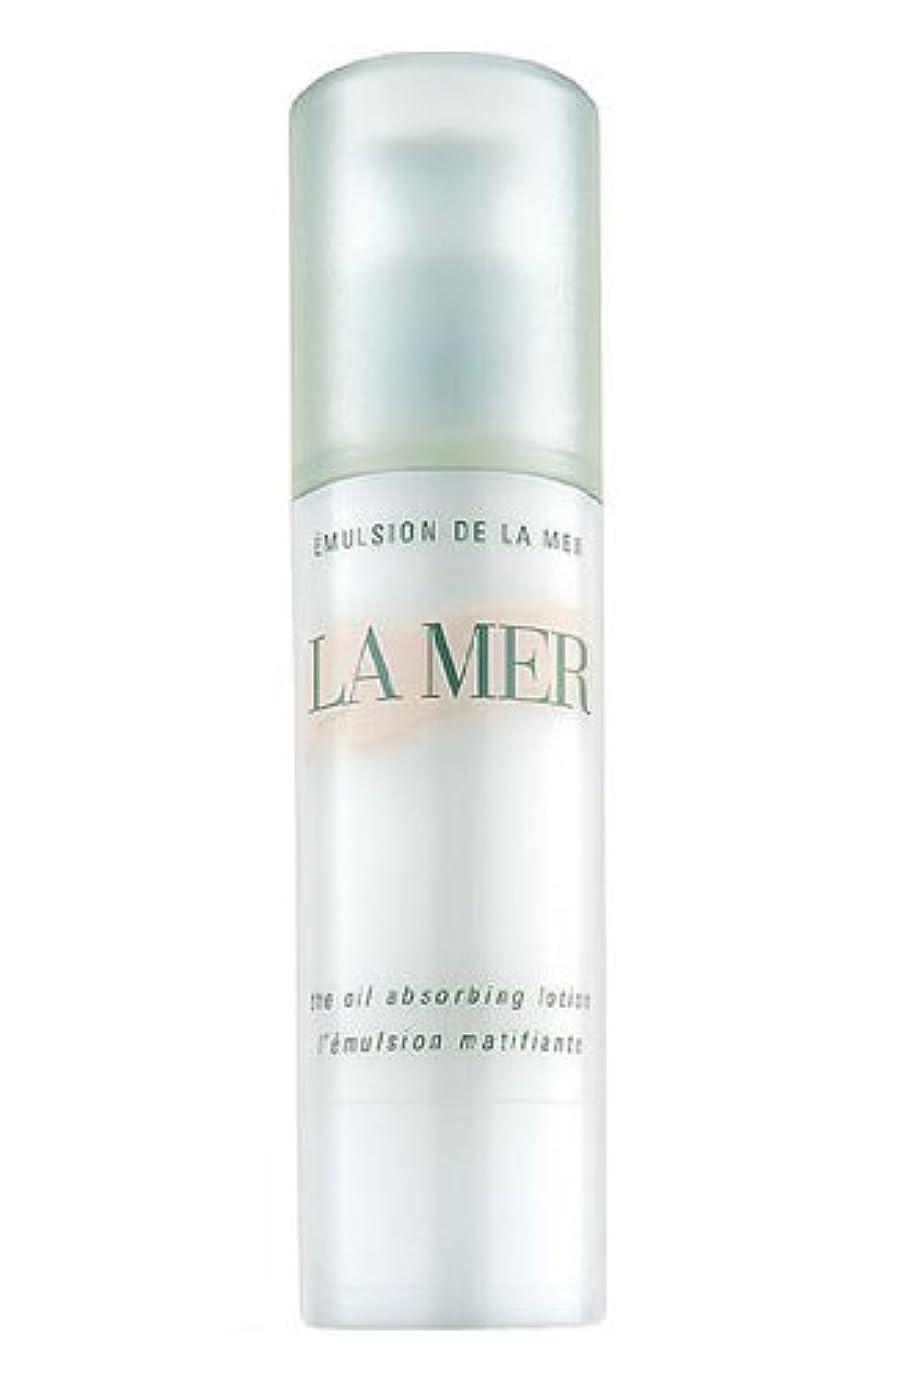 超高層ビルエトナ山直感La Mer The Oil Absorbing Lotion Oil-Free Lotion (ラメール オイル アブゾービング ローション オイル フリー ローション) 1.7 oz (50ml)